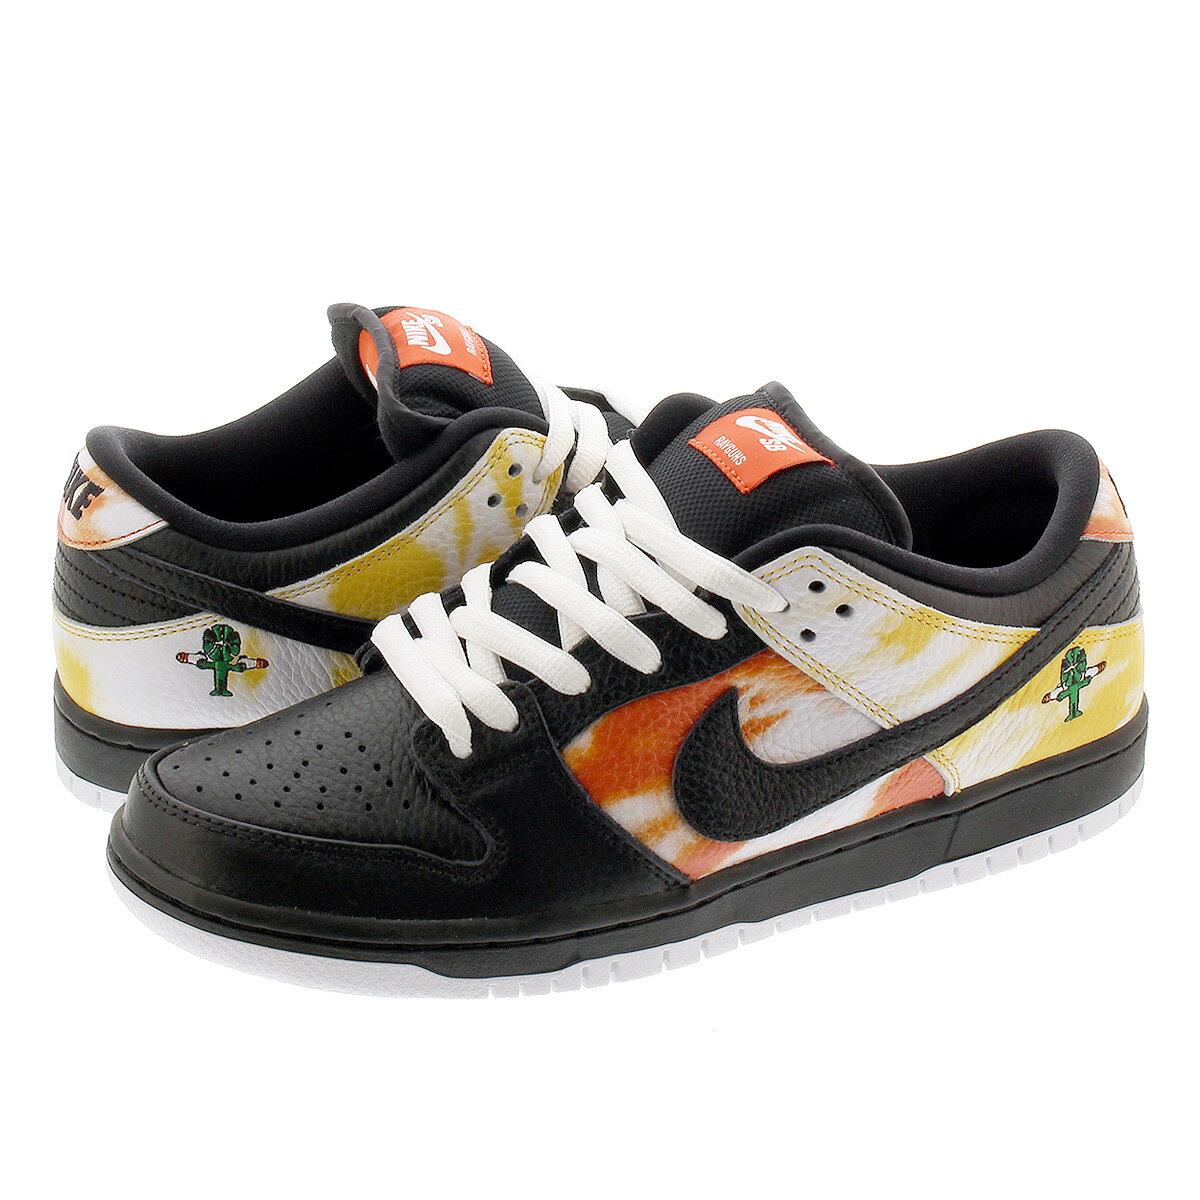 メンズ靴, スニーカー NIKE SB DUNK LOW PRO QS ROSWELL RAYGUNS SB QS BLACKBLACKORANGE FLASH bq6832-001